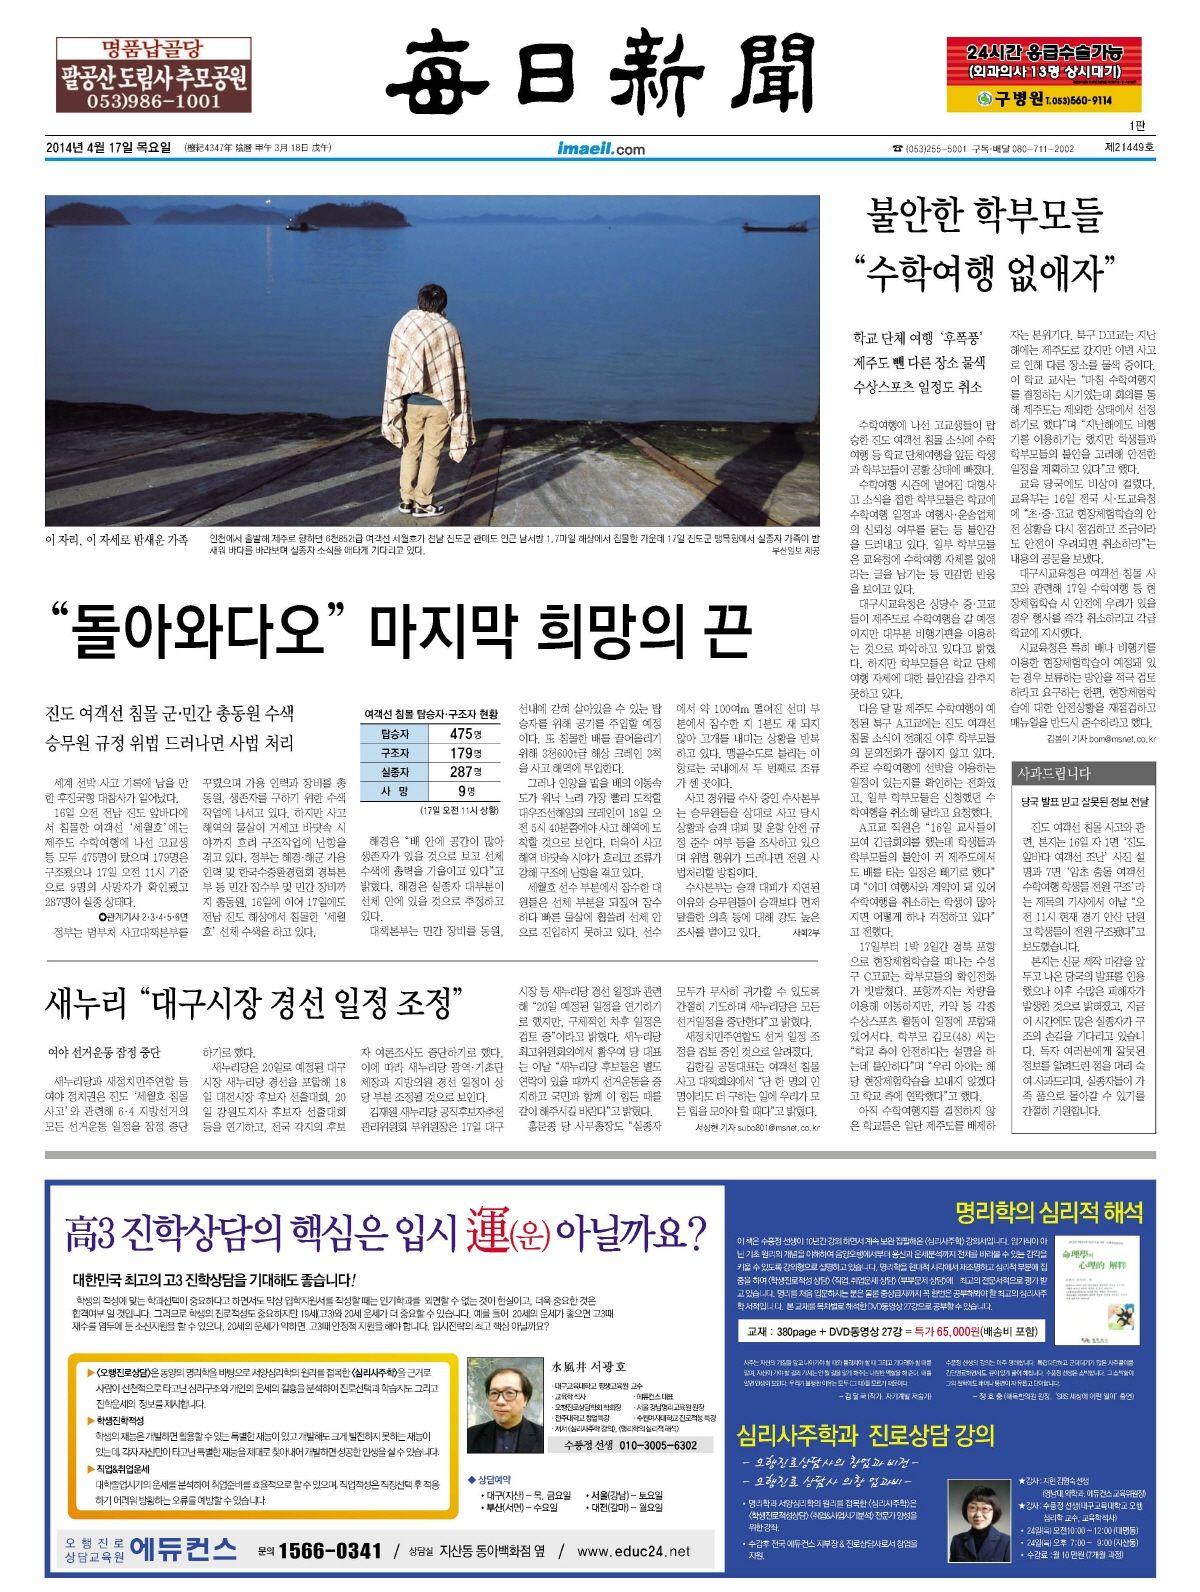 2014년 4월 17일 목요일 매일신문 1면